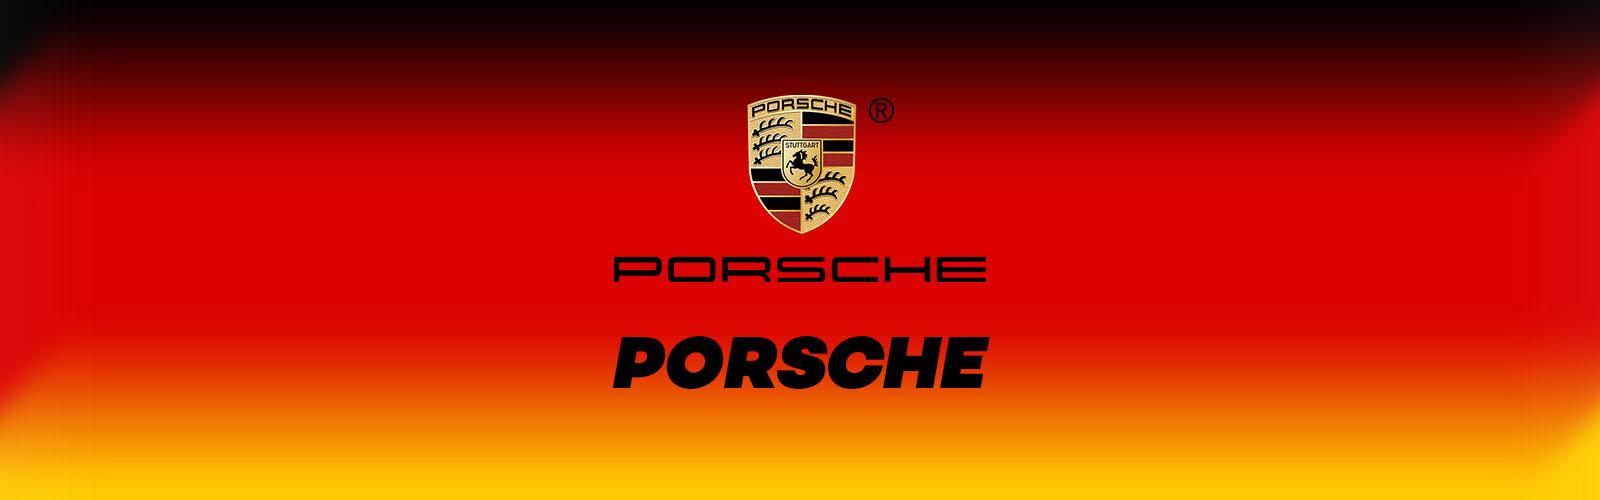 porsche logo marque